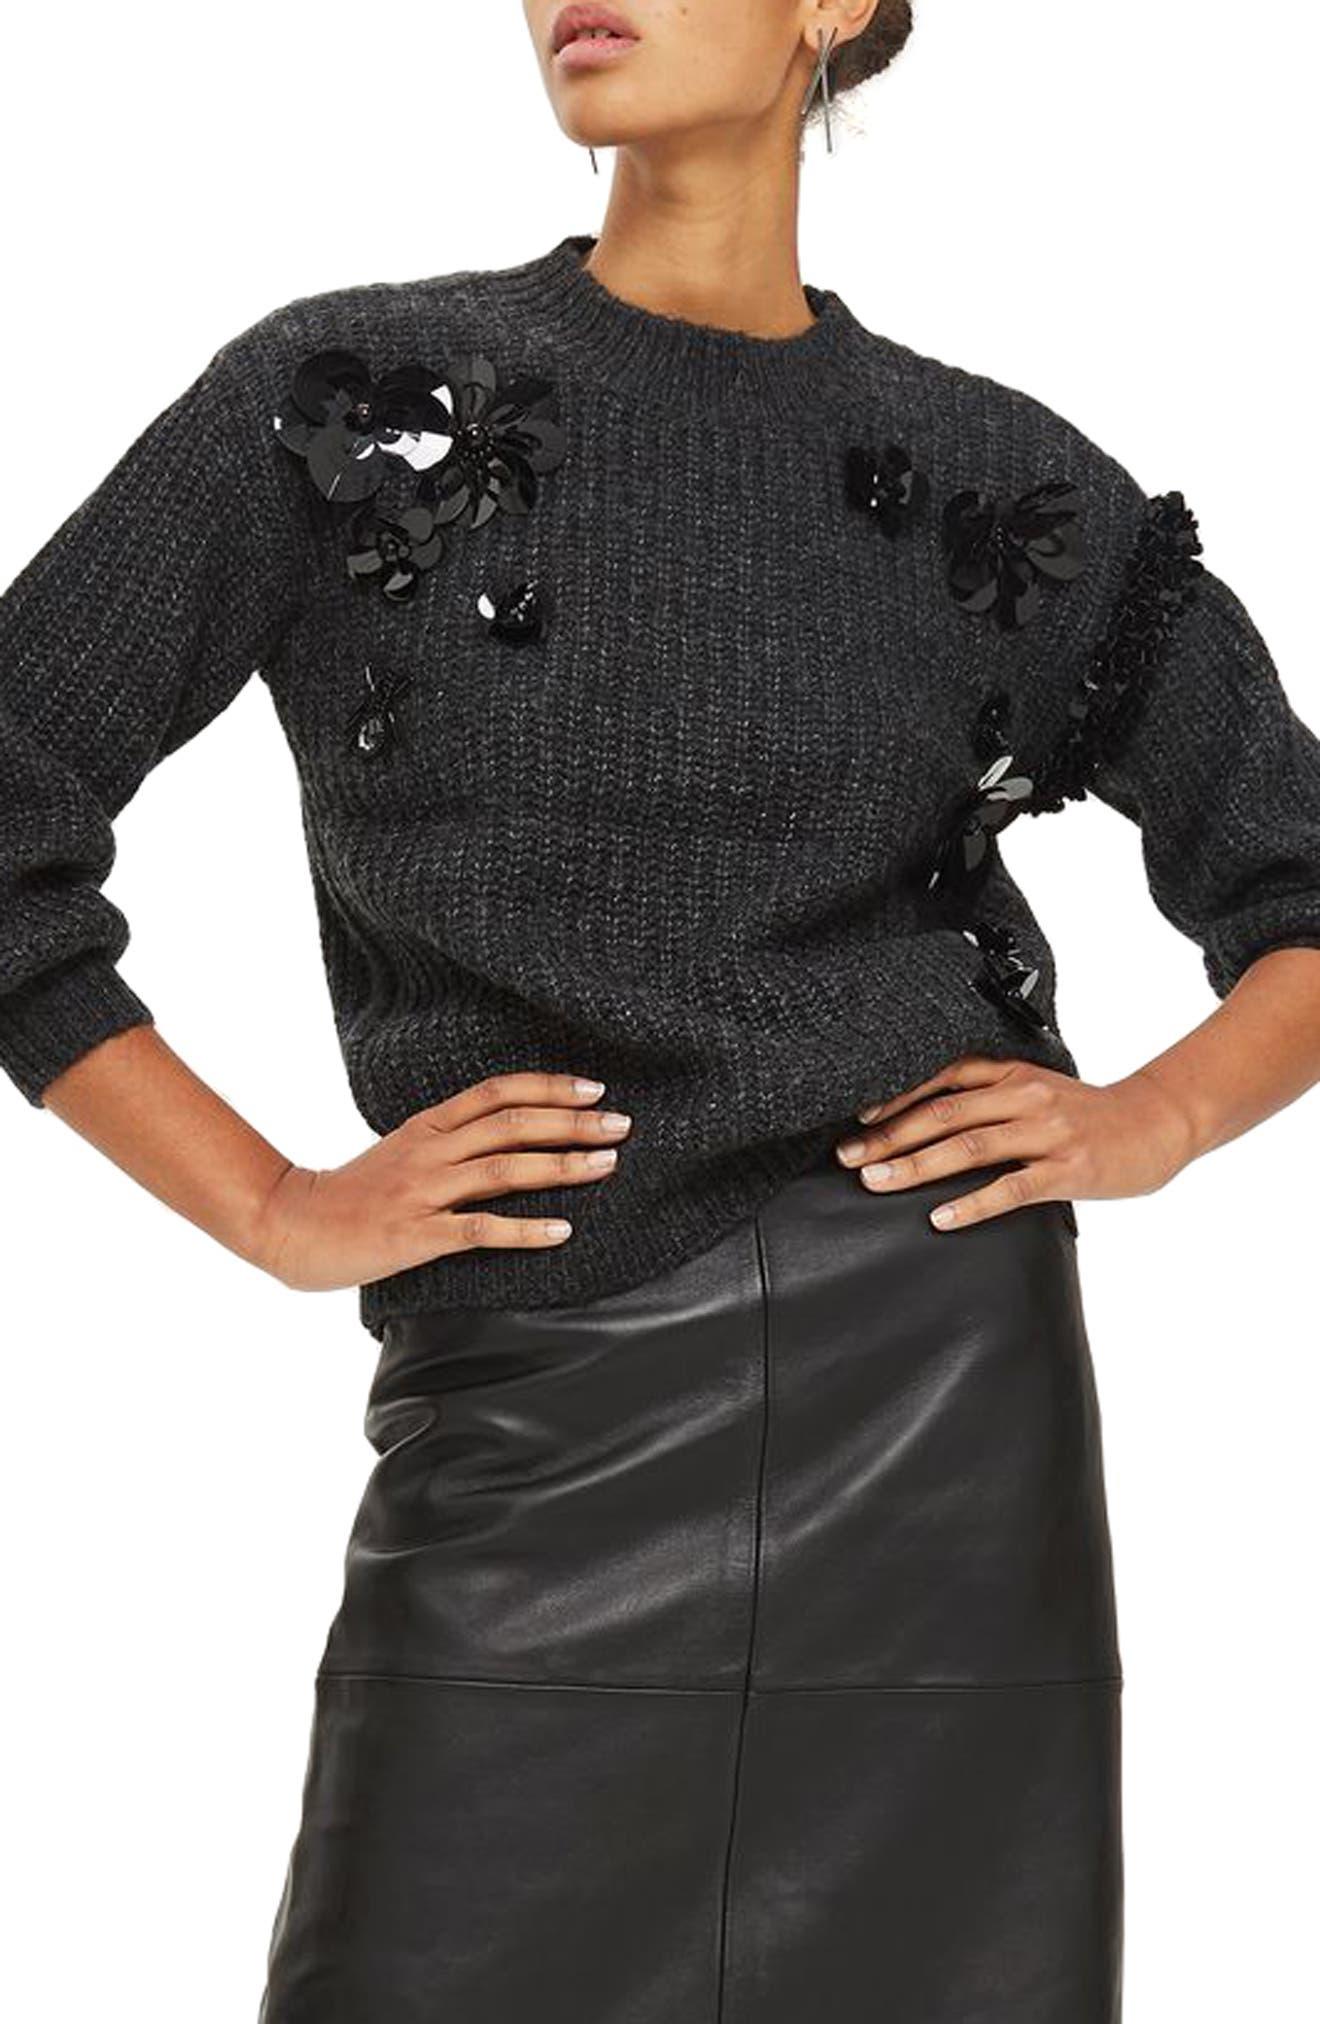 Topshop Cluster Embellished Sweater